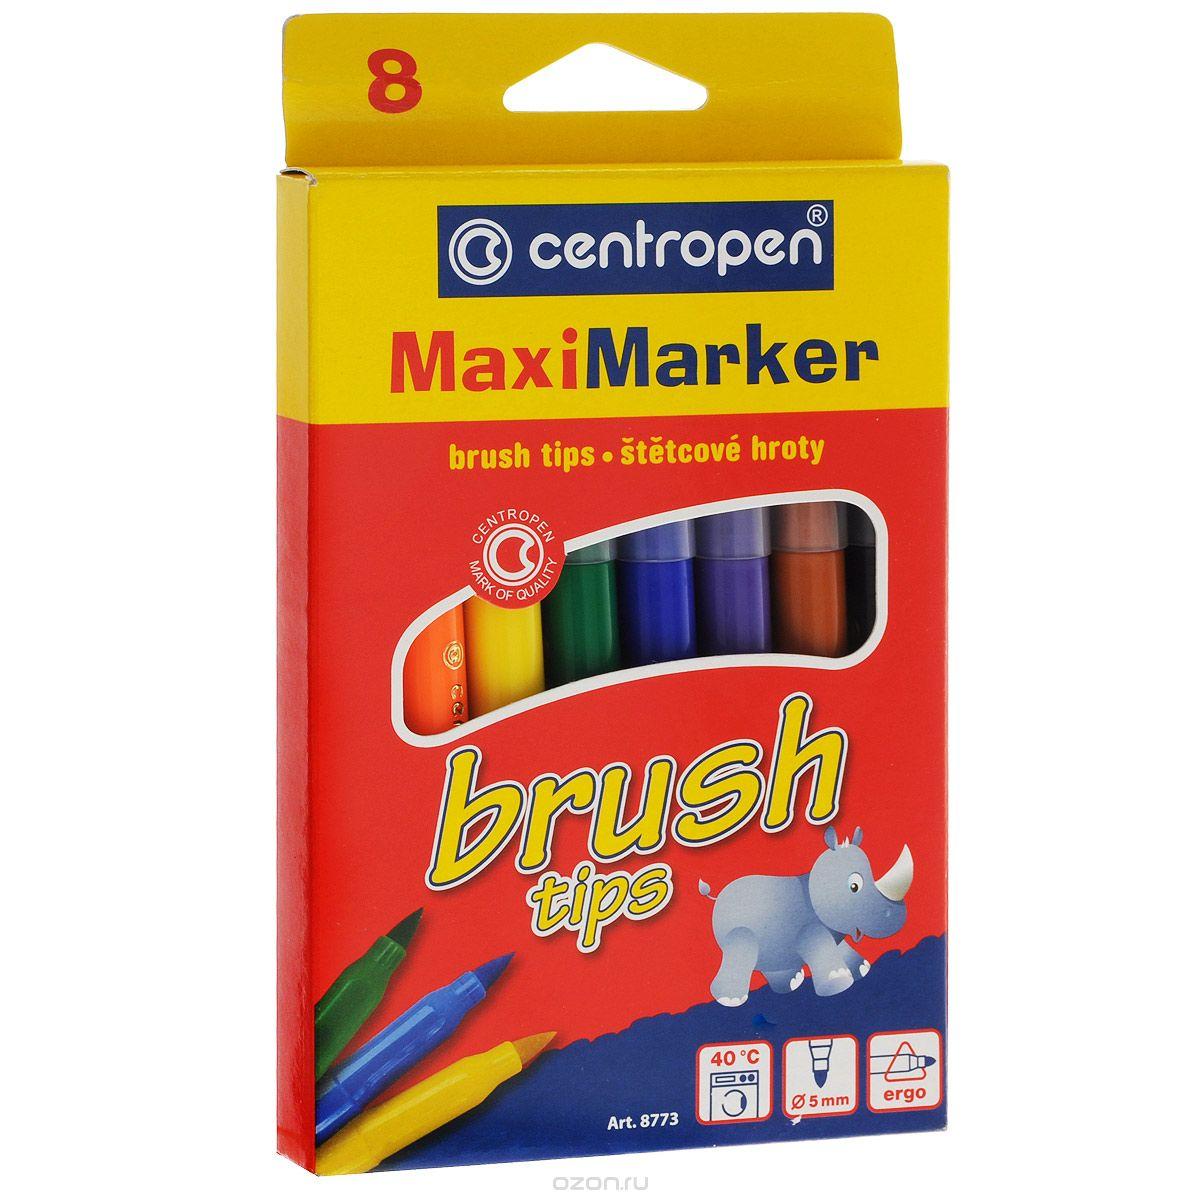 Набор смываемых маркеров Brush, 8 цветов610842Характеристики: Длина маркера: 14,5 см. Диаметр наконечника: 5 мм. Размер упаковки:11 см х 18 см х 1,3 см.